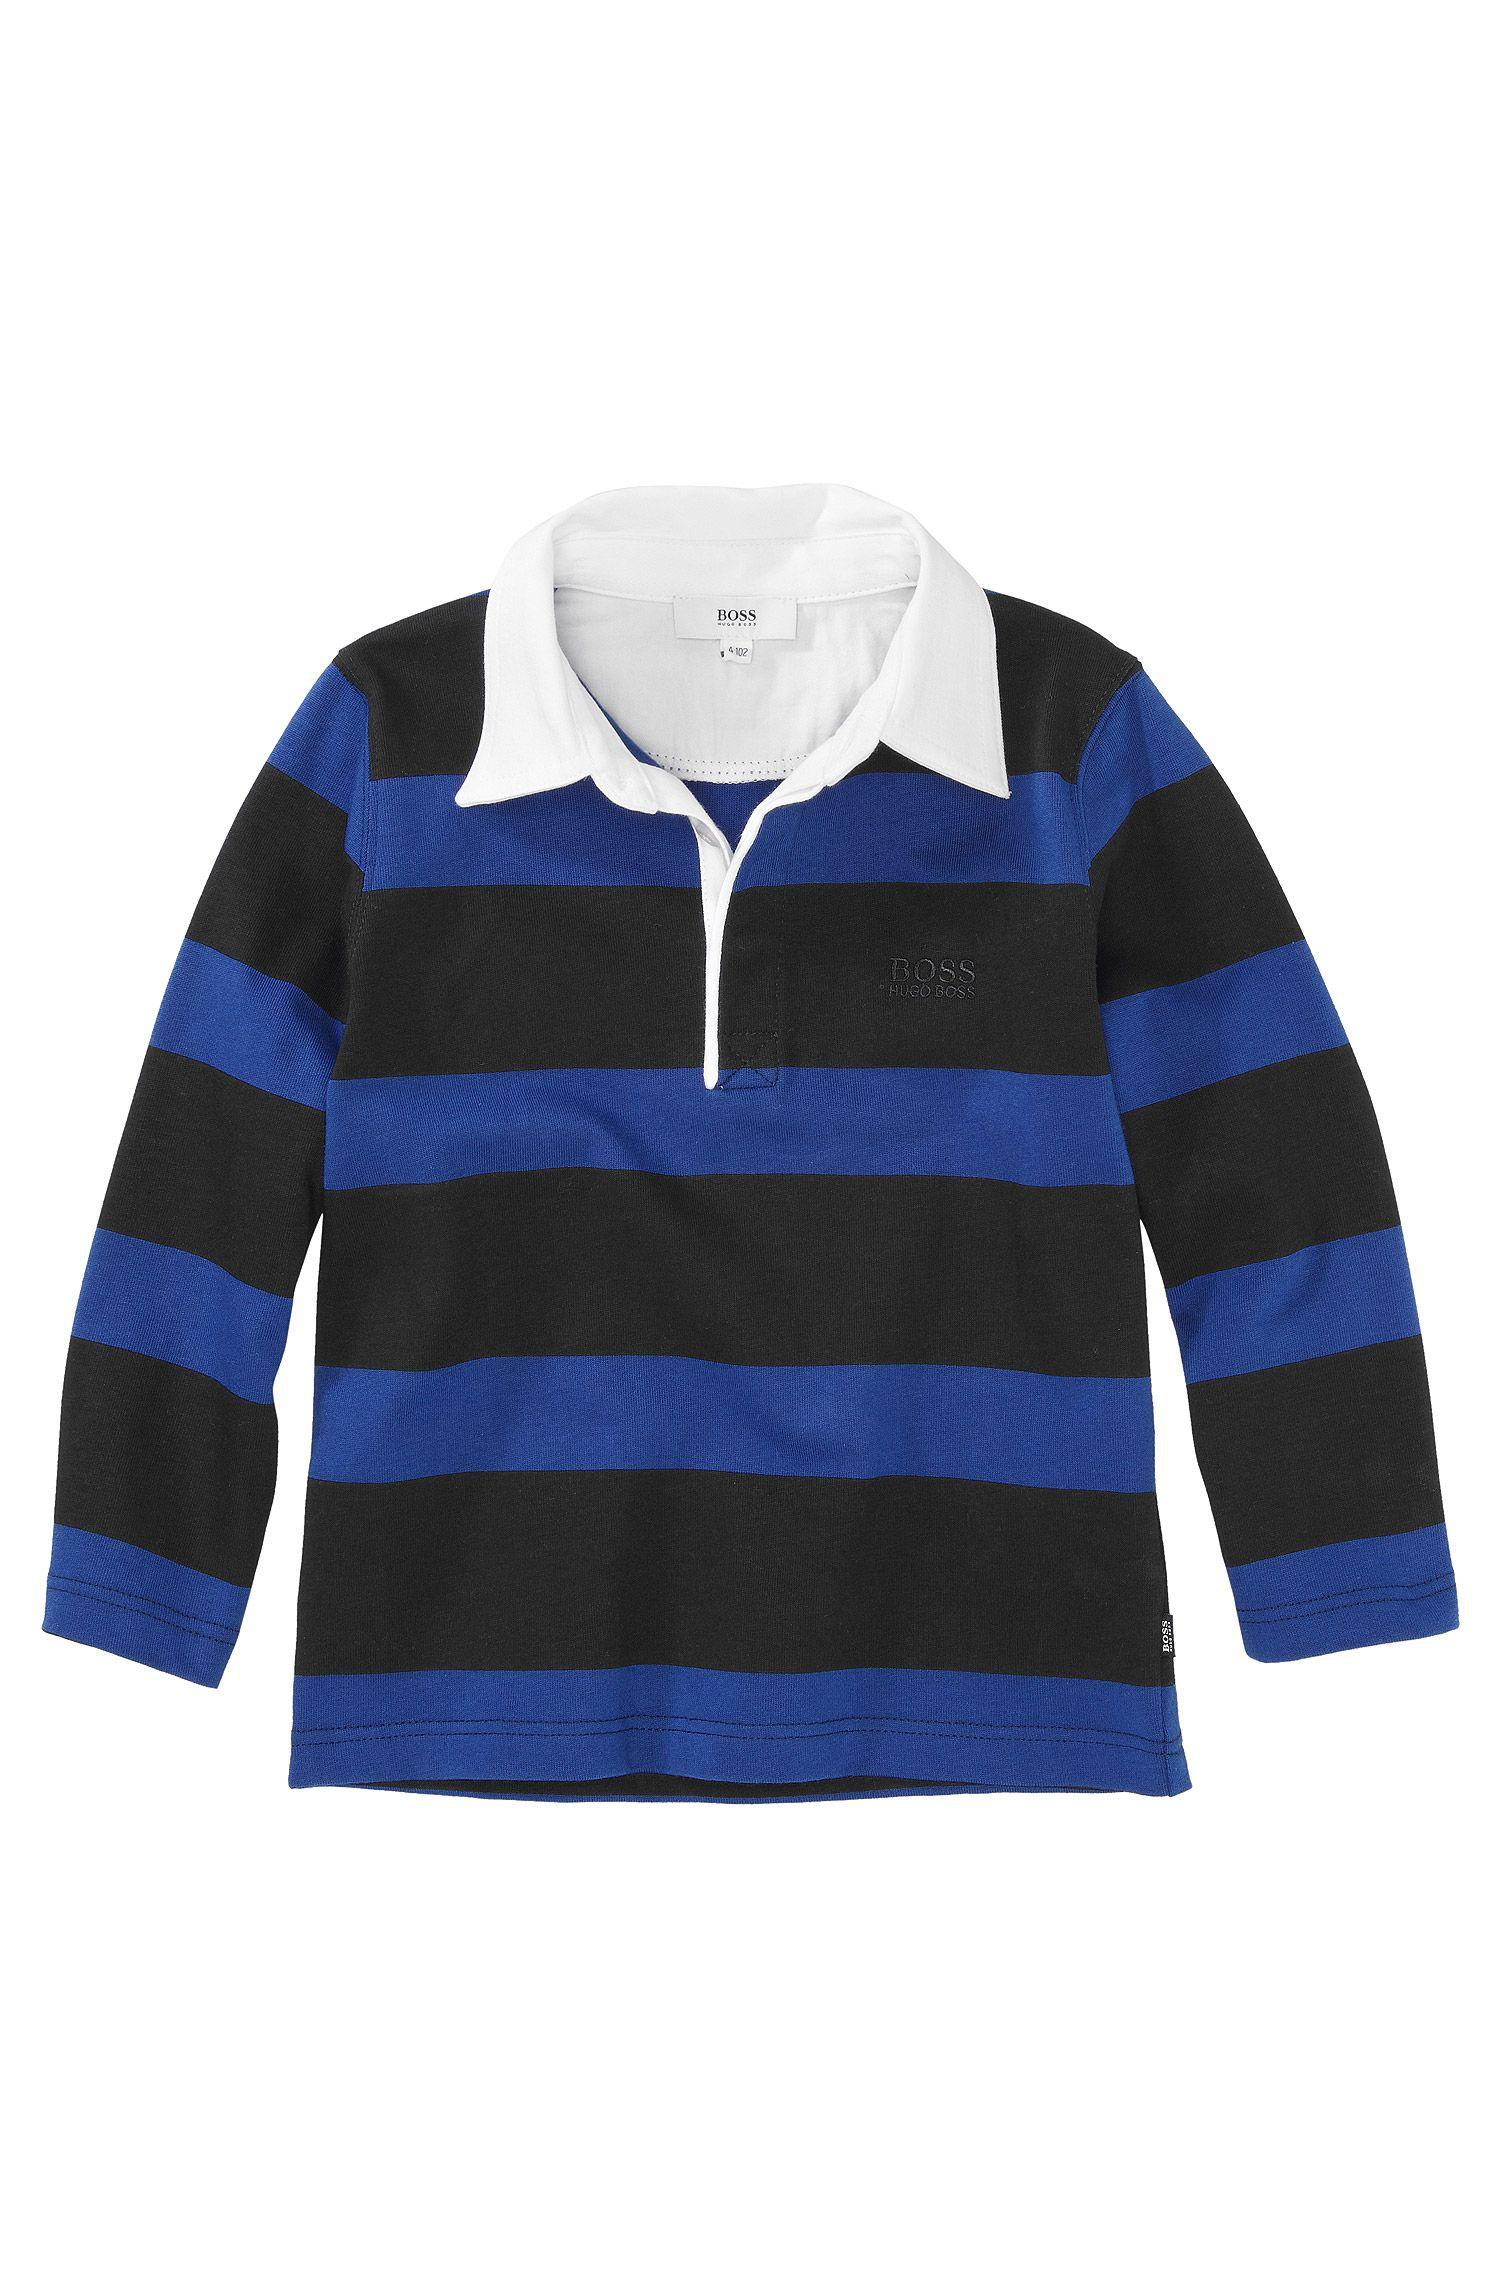 Polo à manches longues pour enfant «J25603/862» en coton